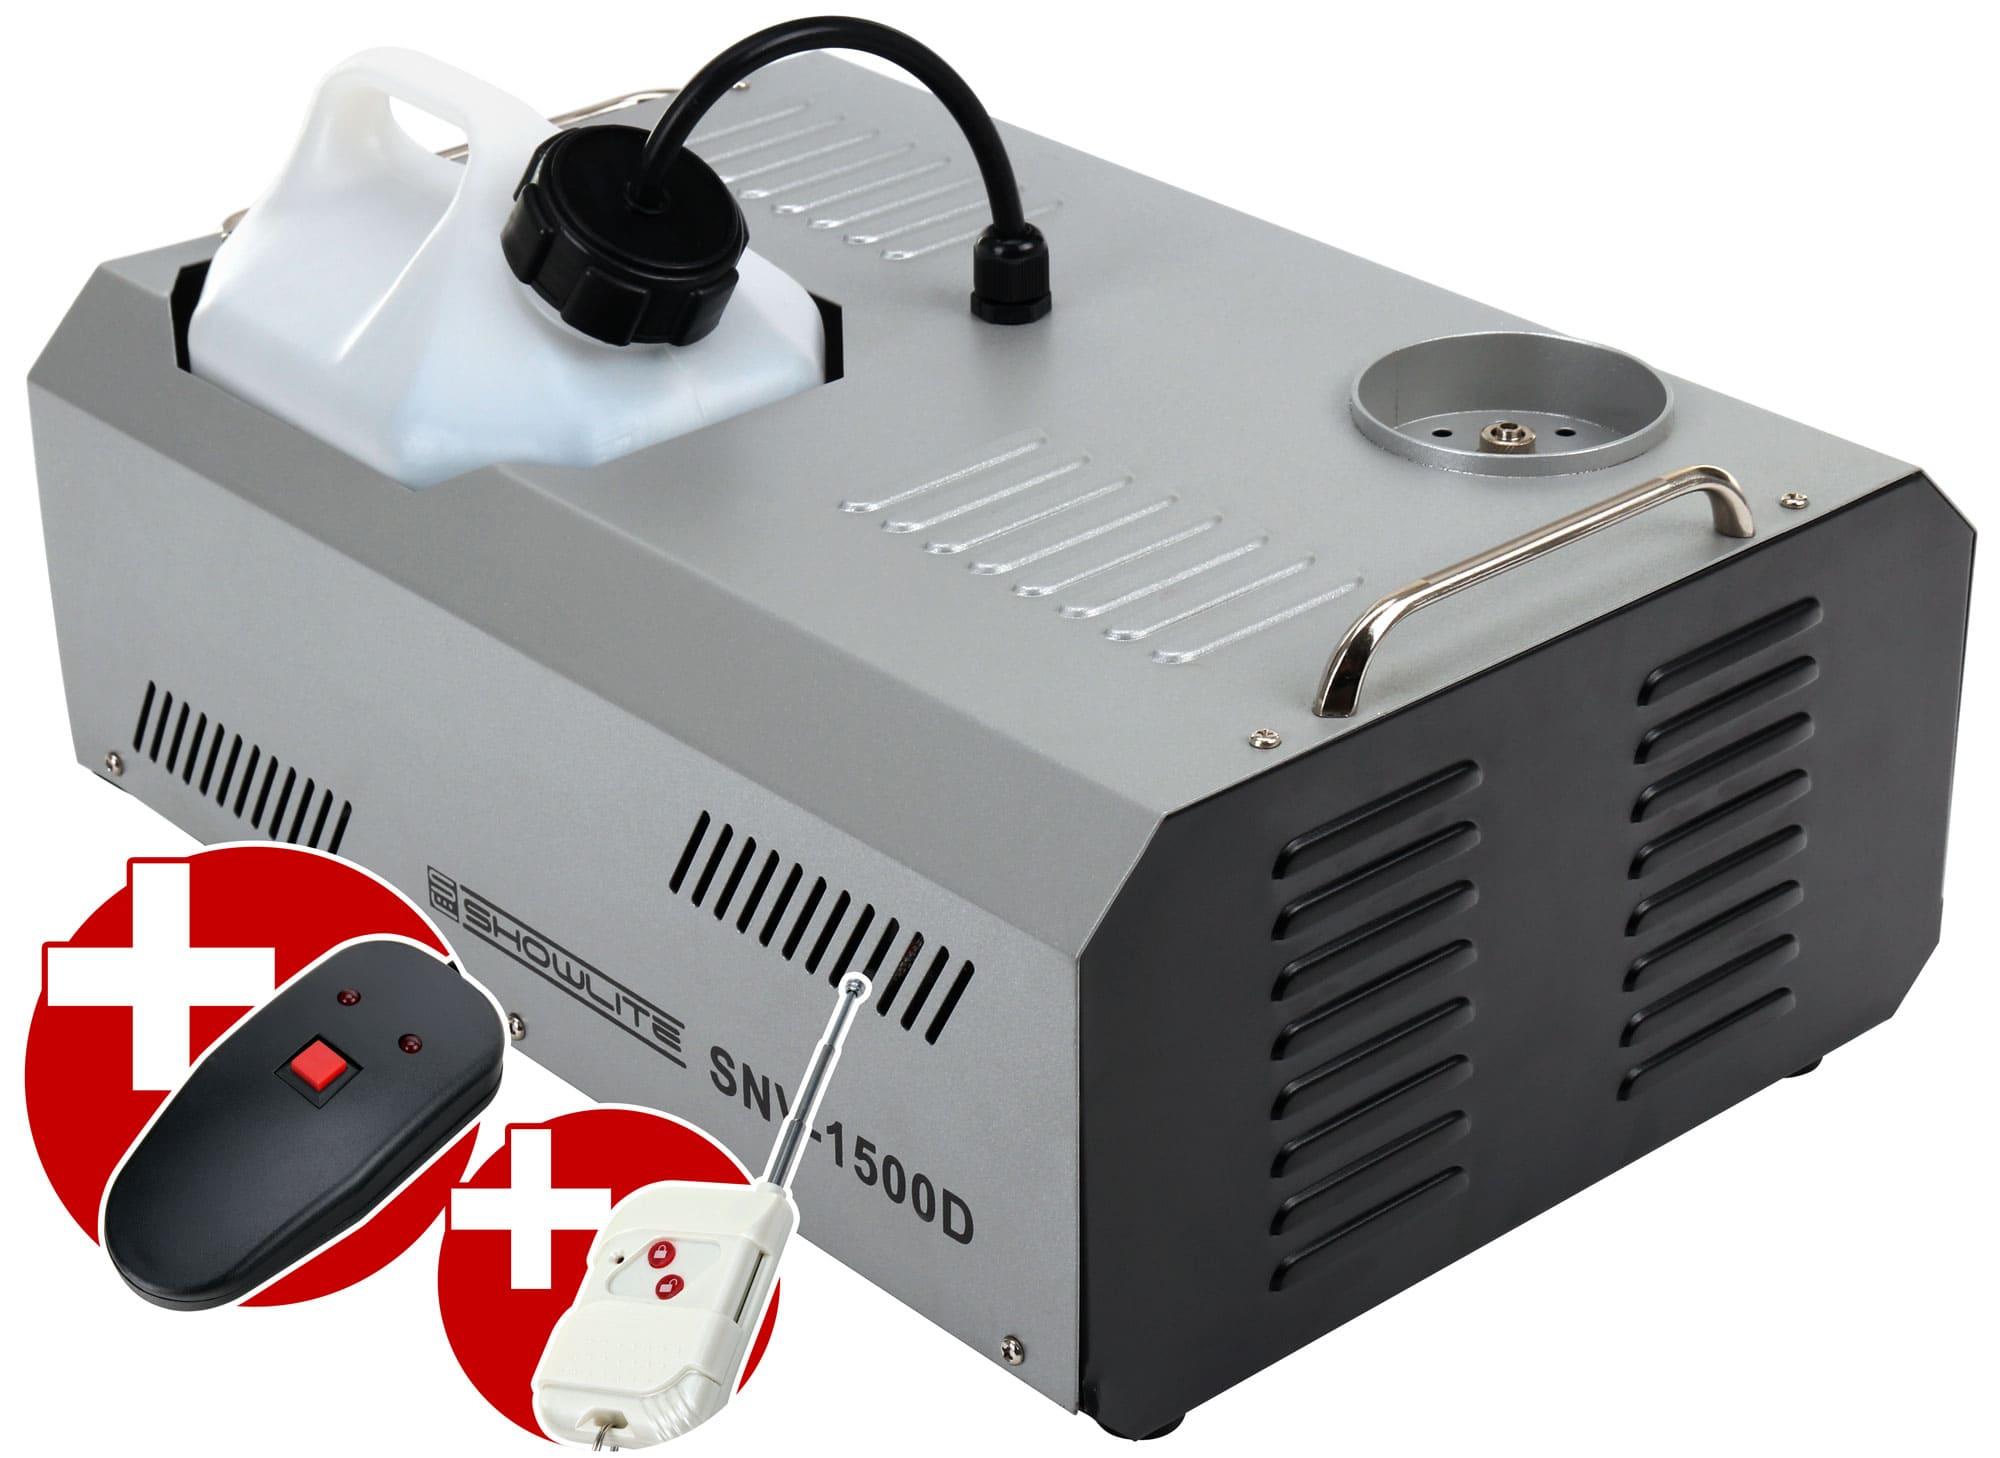 Showlite SNV 1500D DMX Vertikal Nebelmaschine 1500W inkl. Fernbedienung